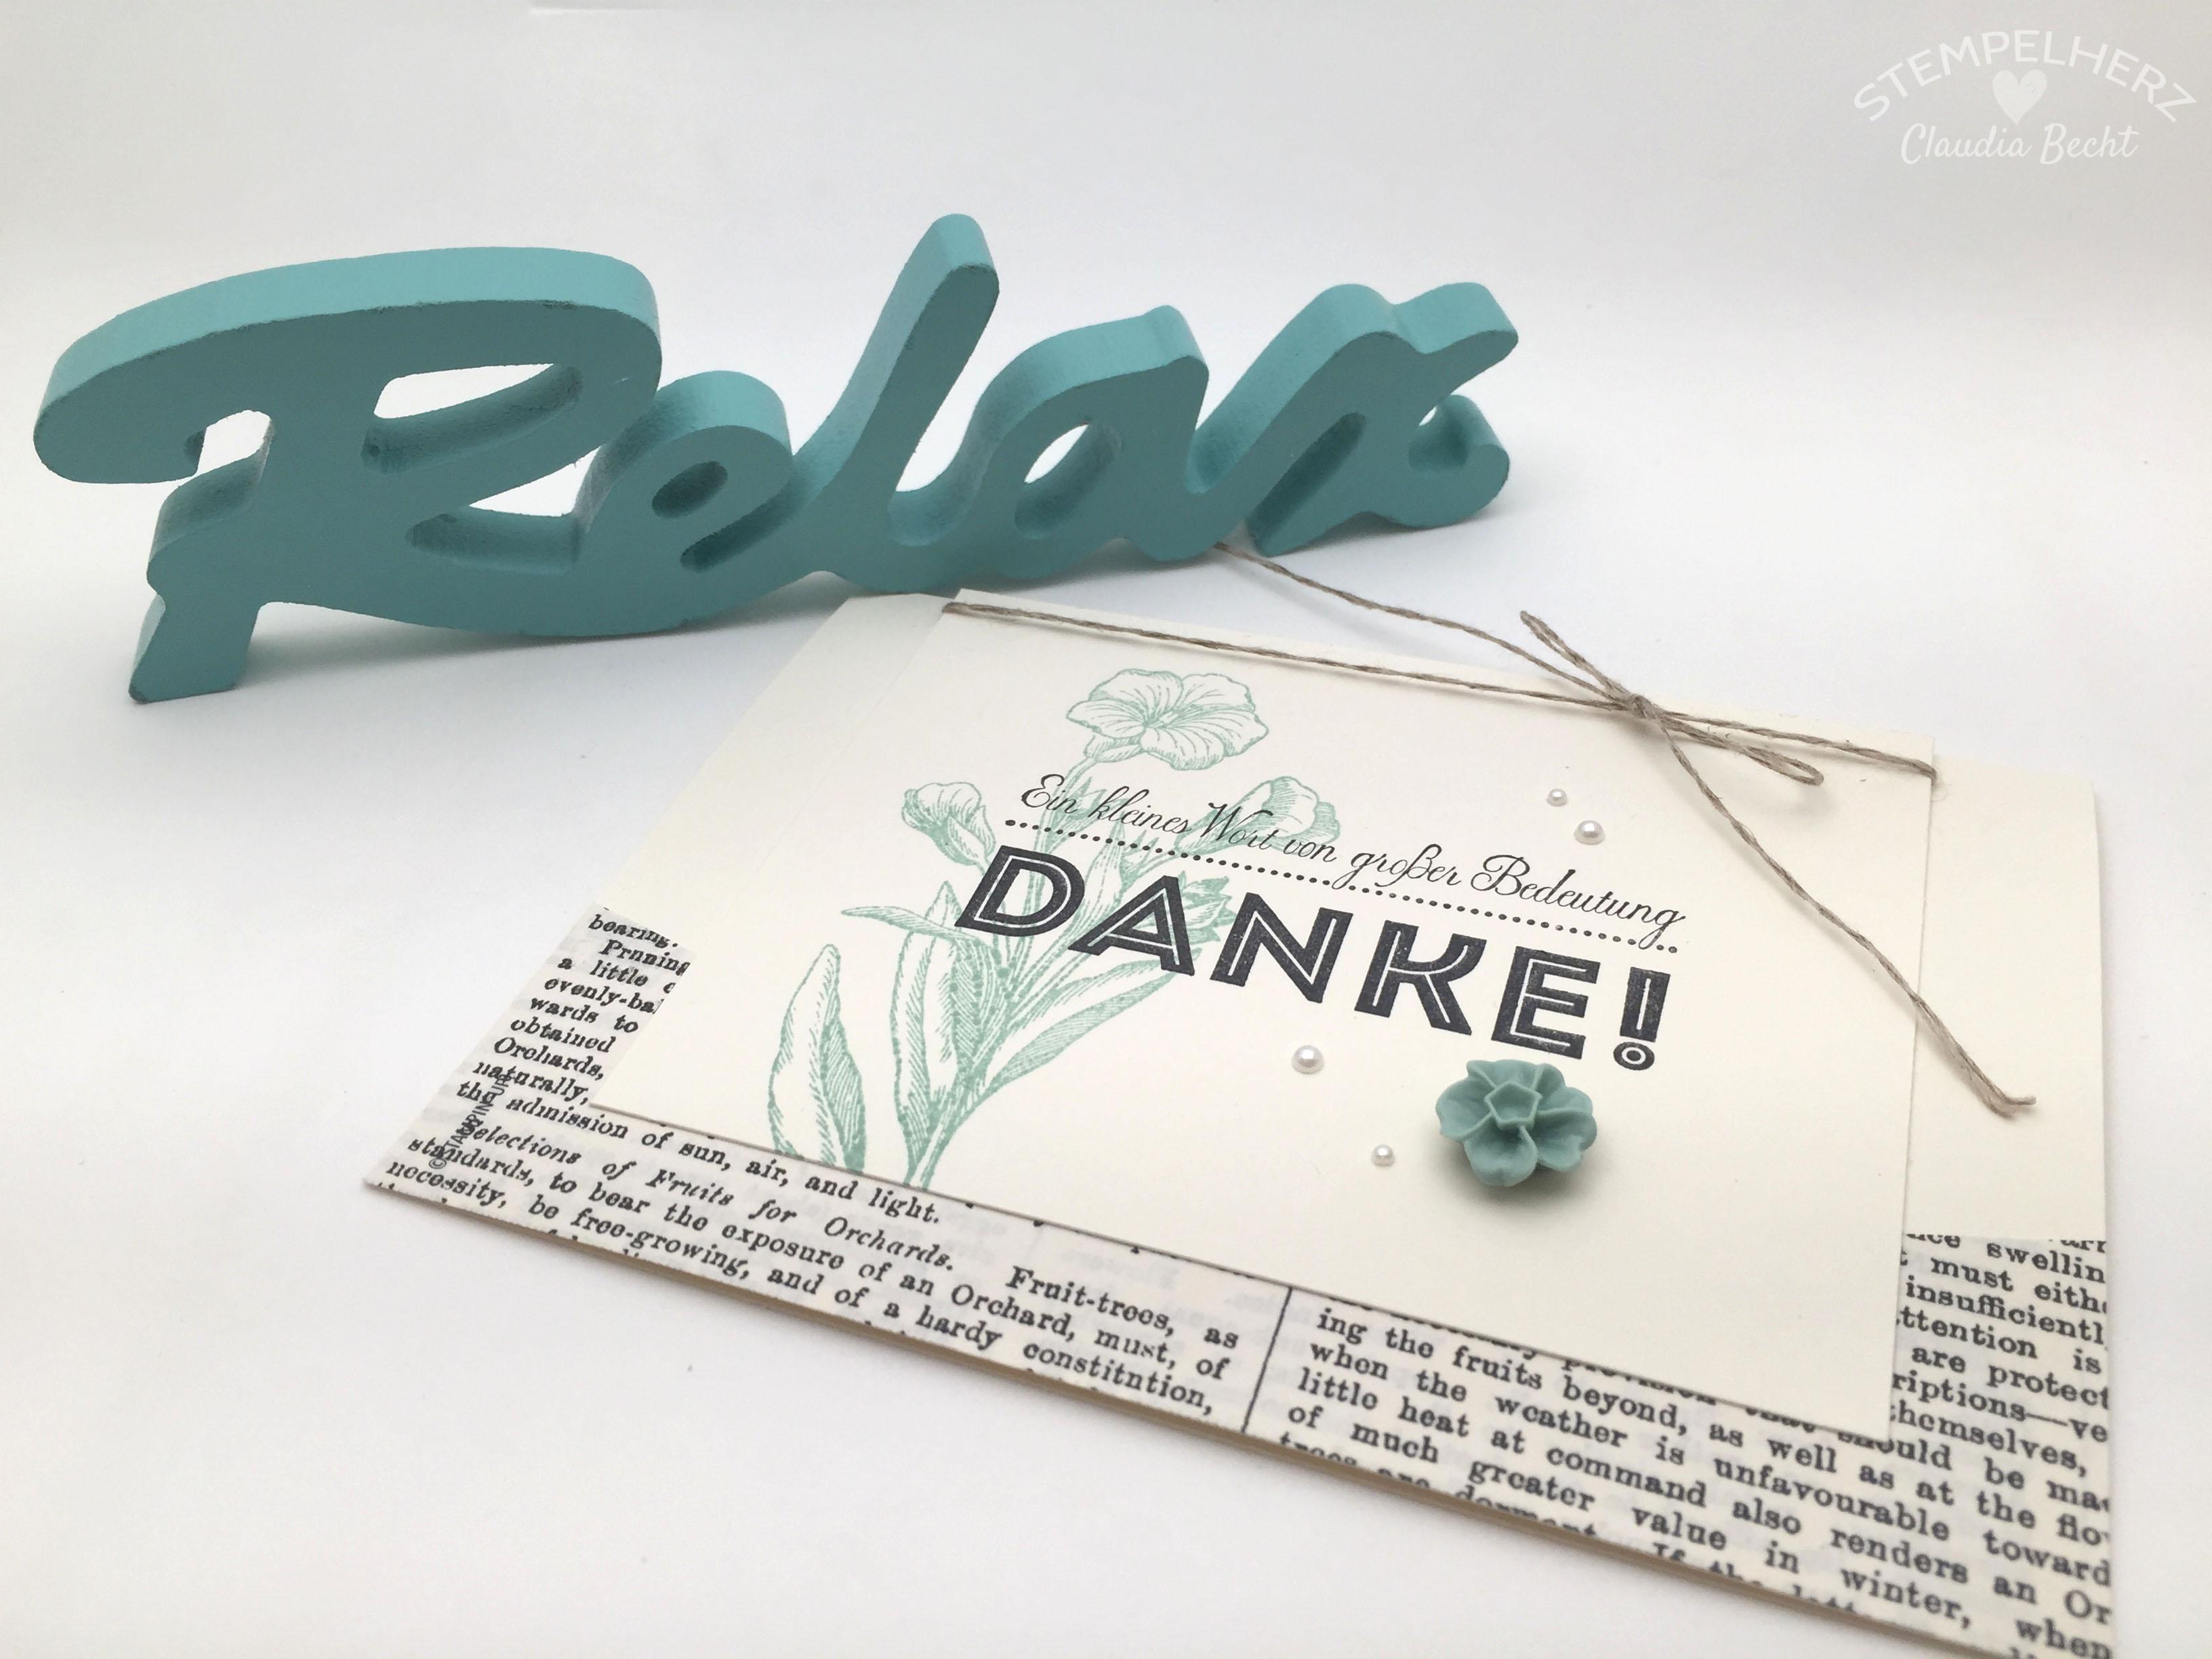 Stampin Up-Stempelherz-Dankeskarte-Von großer Bedeutung-Schmetterlingsgruß-Zeig es am Montag 27.07. Dankeskarte Ein kleines Wort 01b